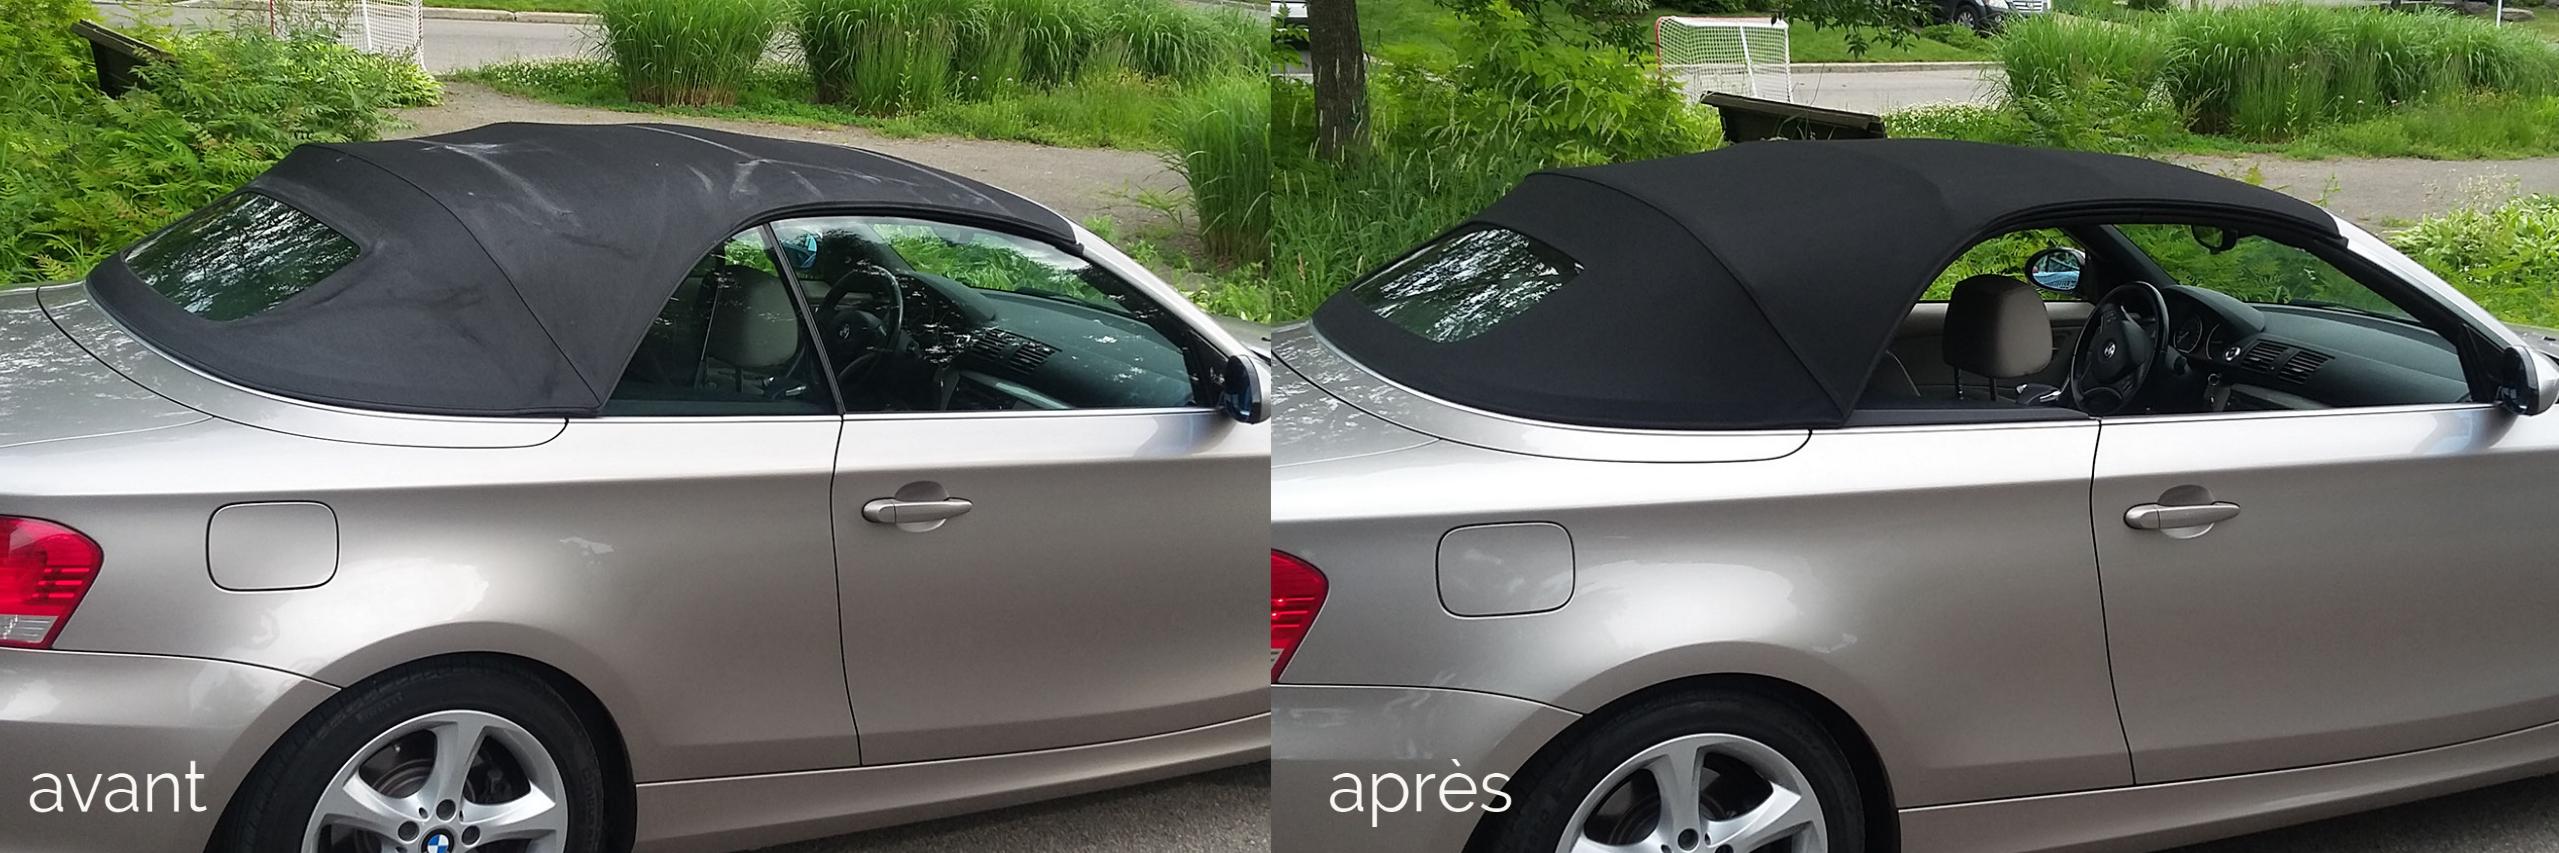 BMW toit convertible